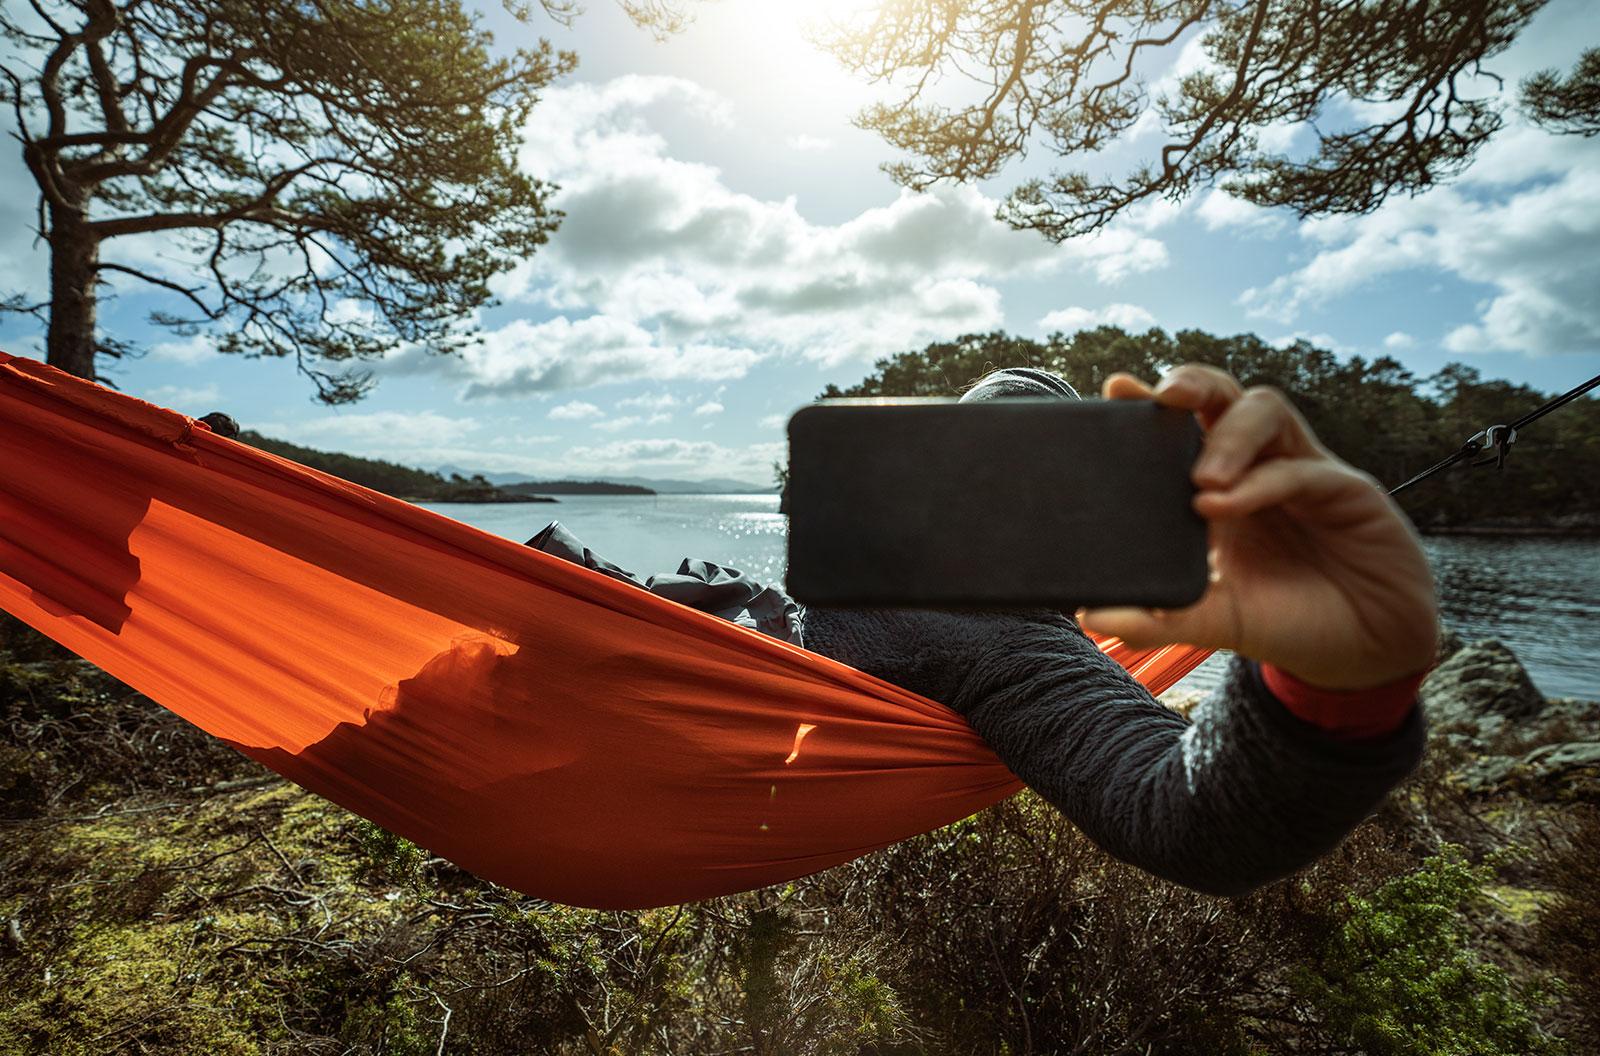 Man on a hammock outdoors taking a selfie